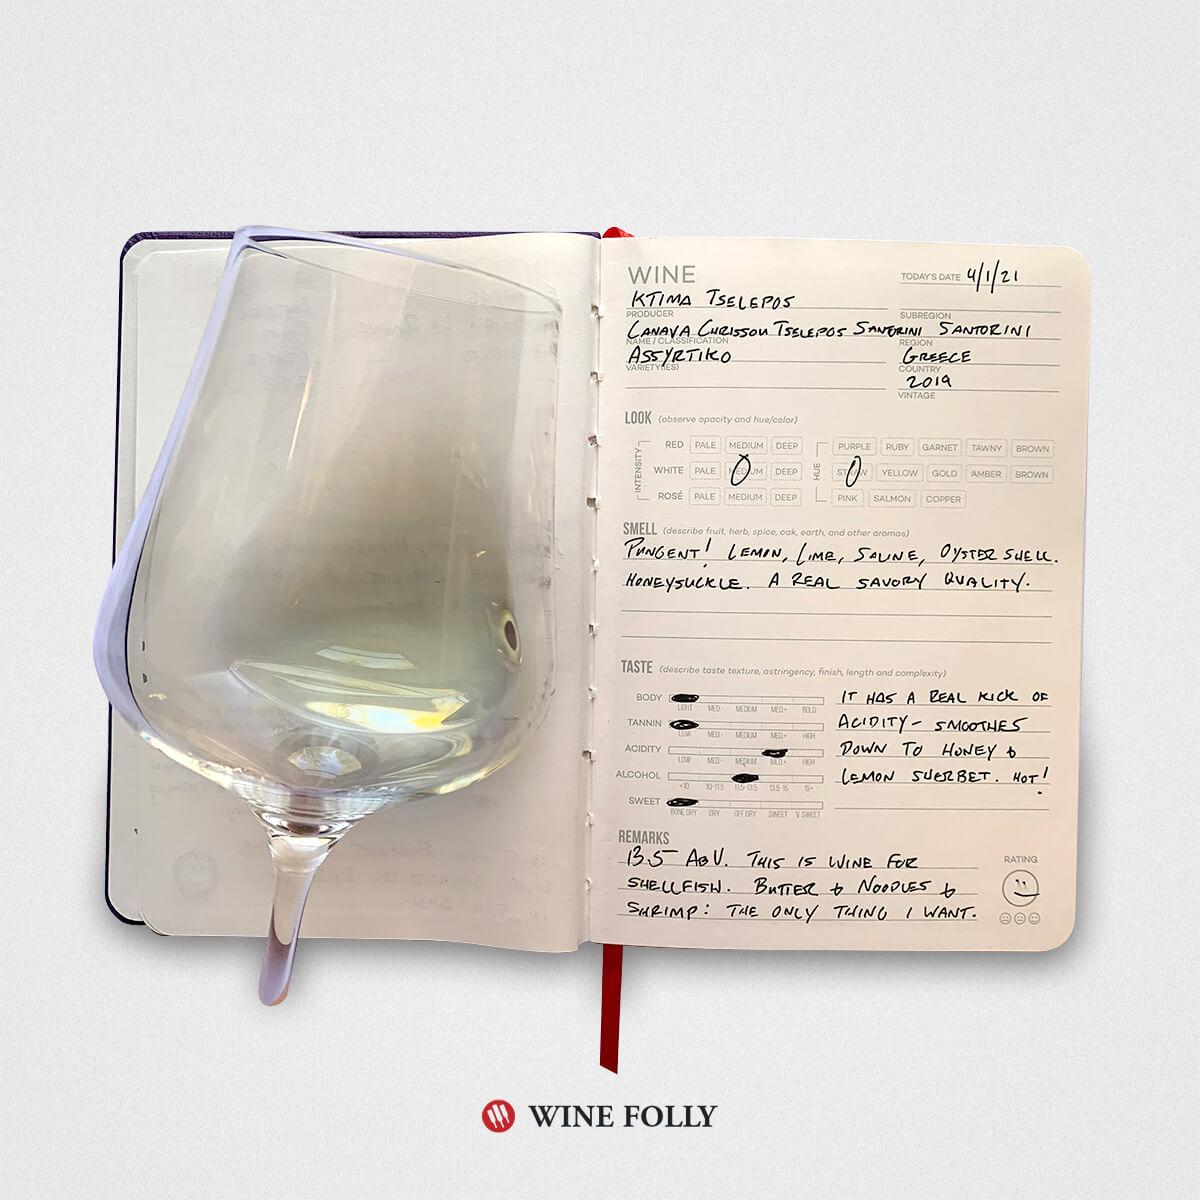 Wine journal entry for Greek Assyrtiko